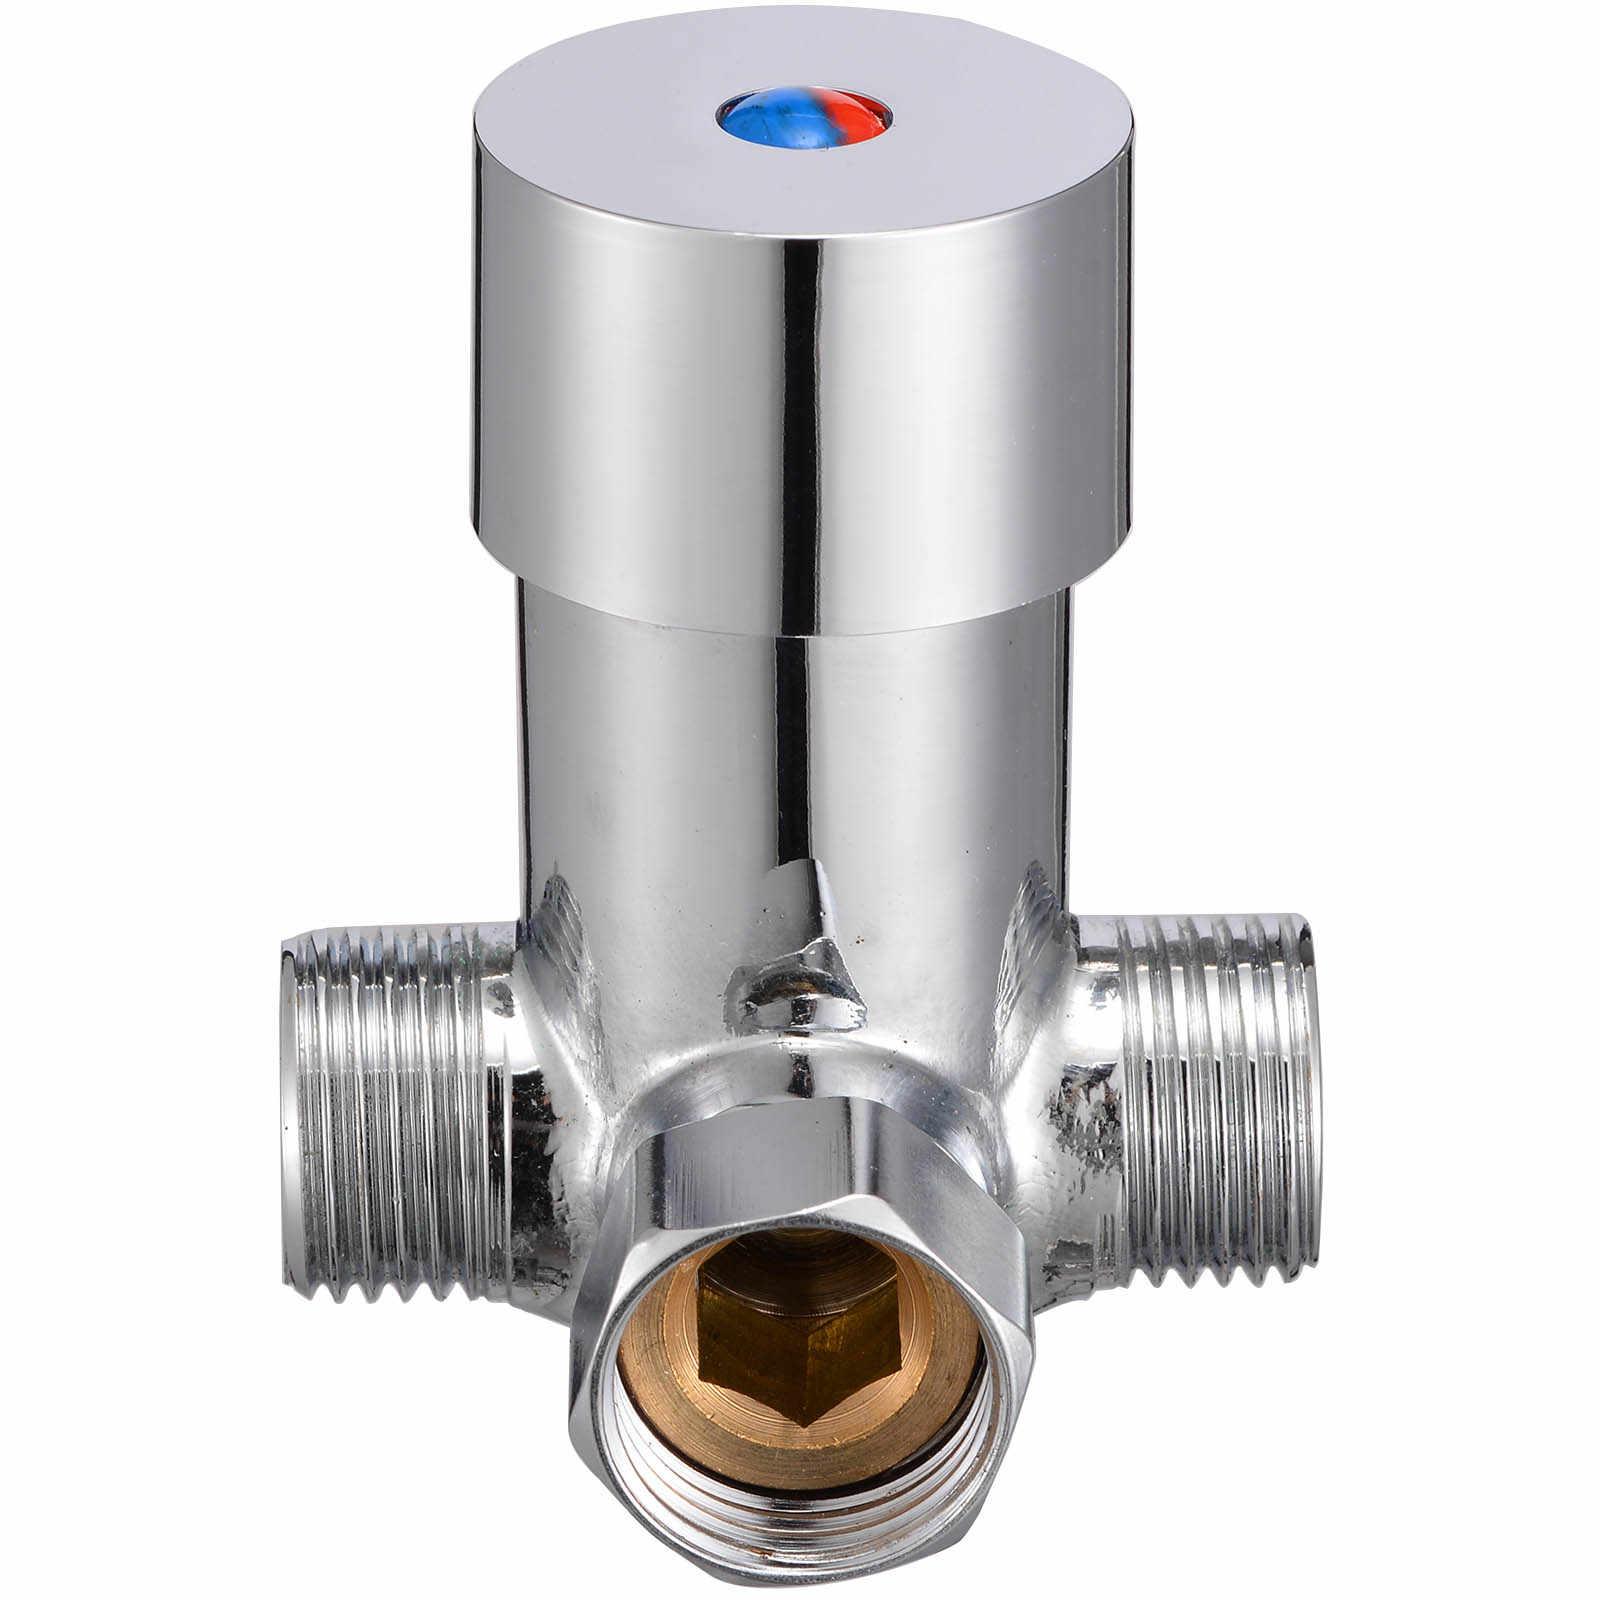 Gorący zimny zawór wody kran zawór mieszający czujnik temperatury dotknij do głowicy prysznicowej krany kranowe